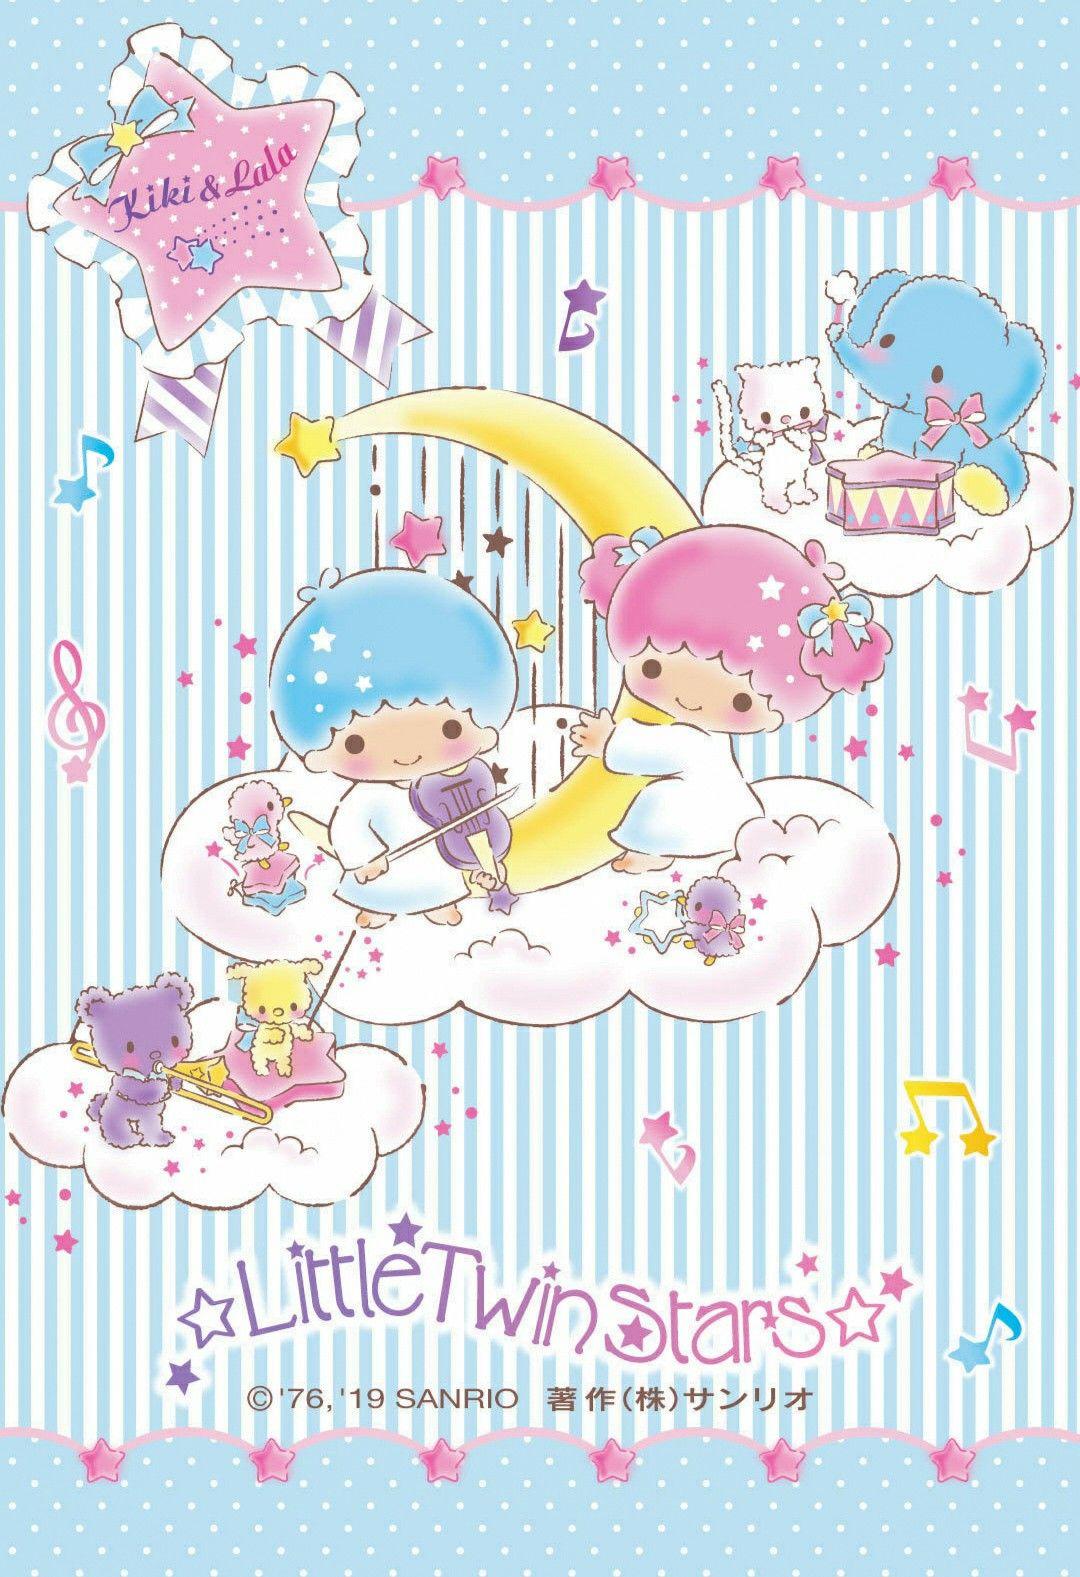 Little Twin Stars Bg2 おしゃれまとめの人気アイデア Pinterest Aekkalisa リトルツインスターズ サンリオ 壁紙 夢かわいい